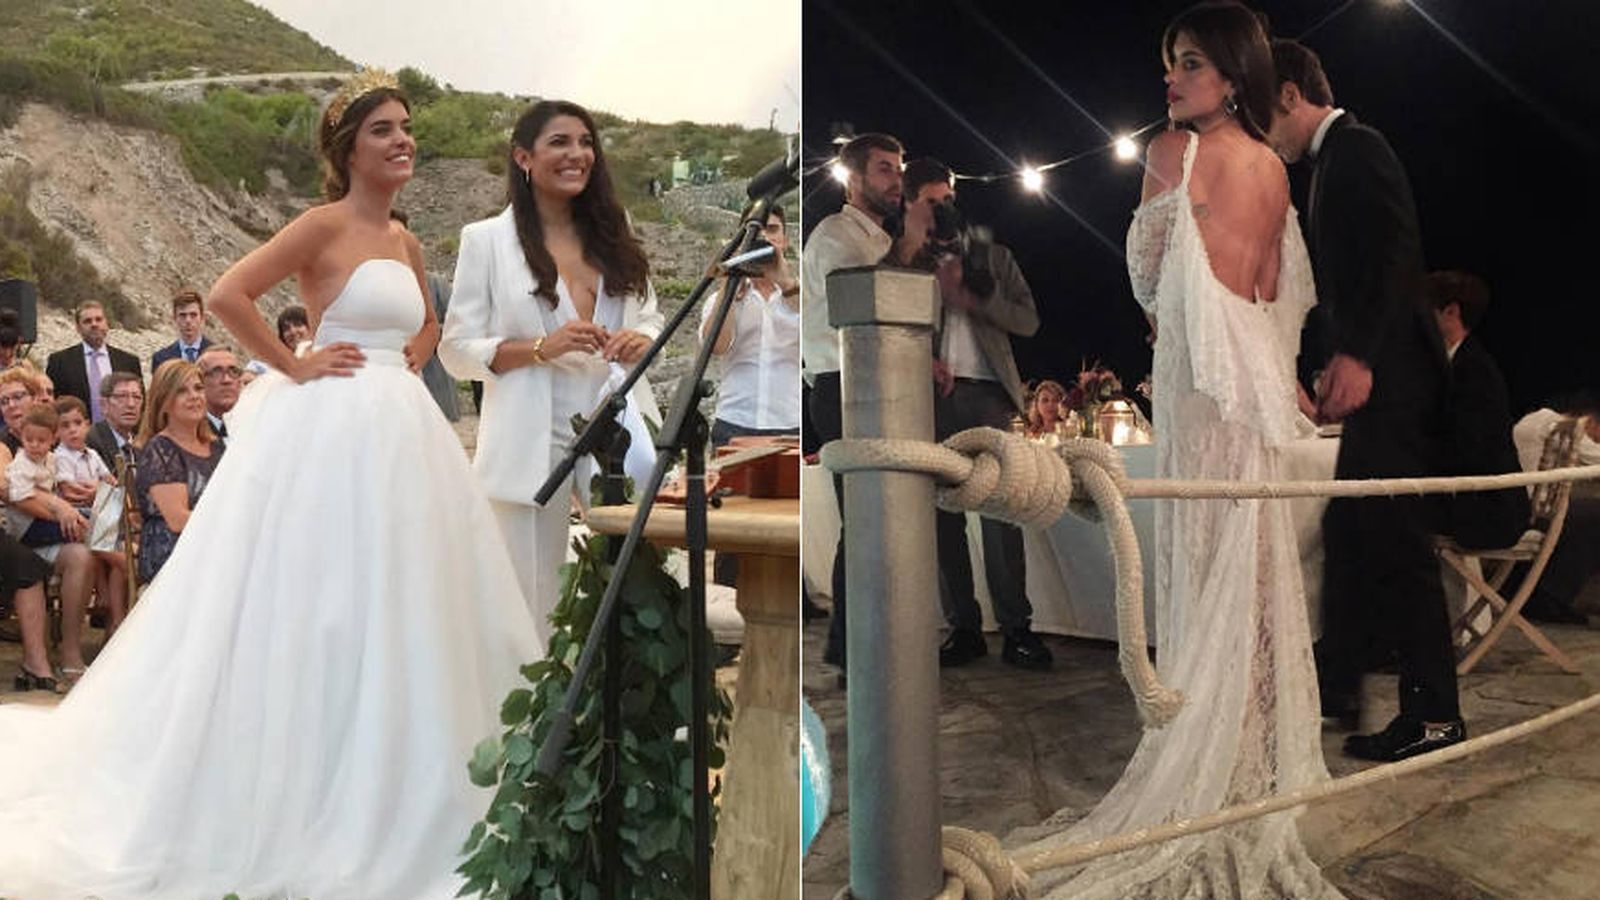 Vestido De Novia Wedding Dress | La Romantica Boda De Dulceida Quiero Ser Y Su Novia Junto Al Mar